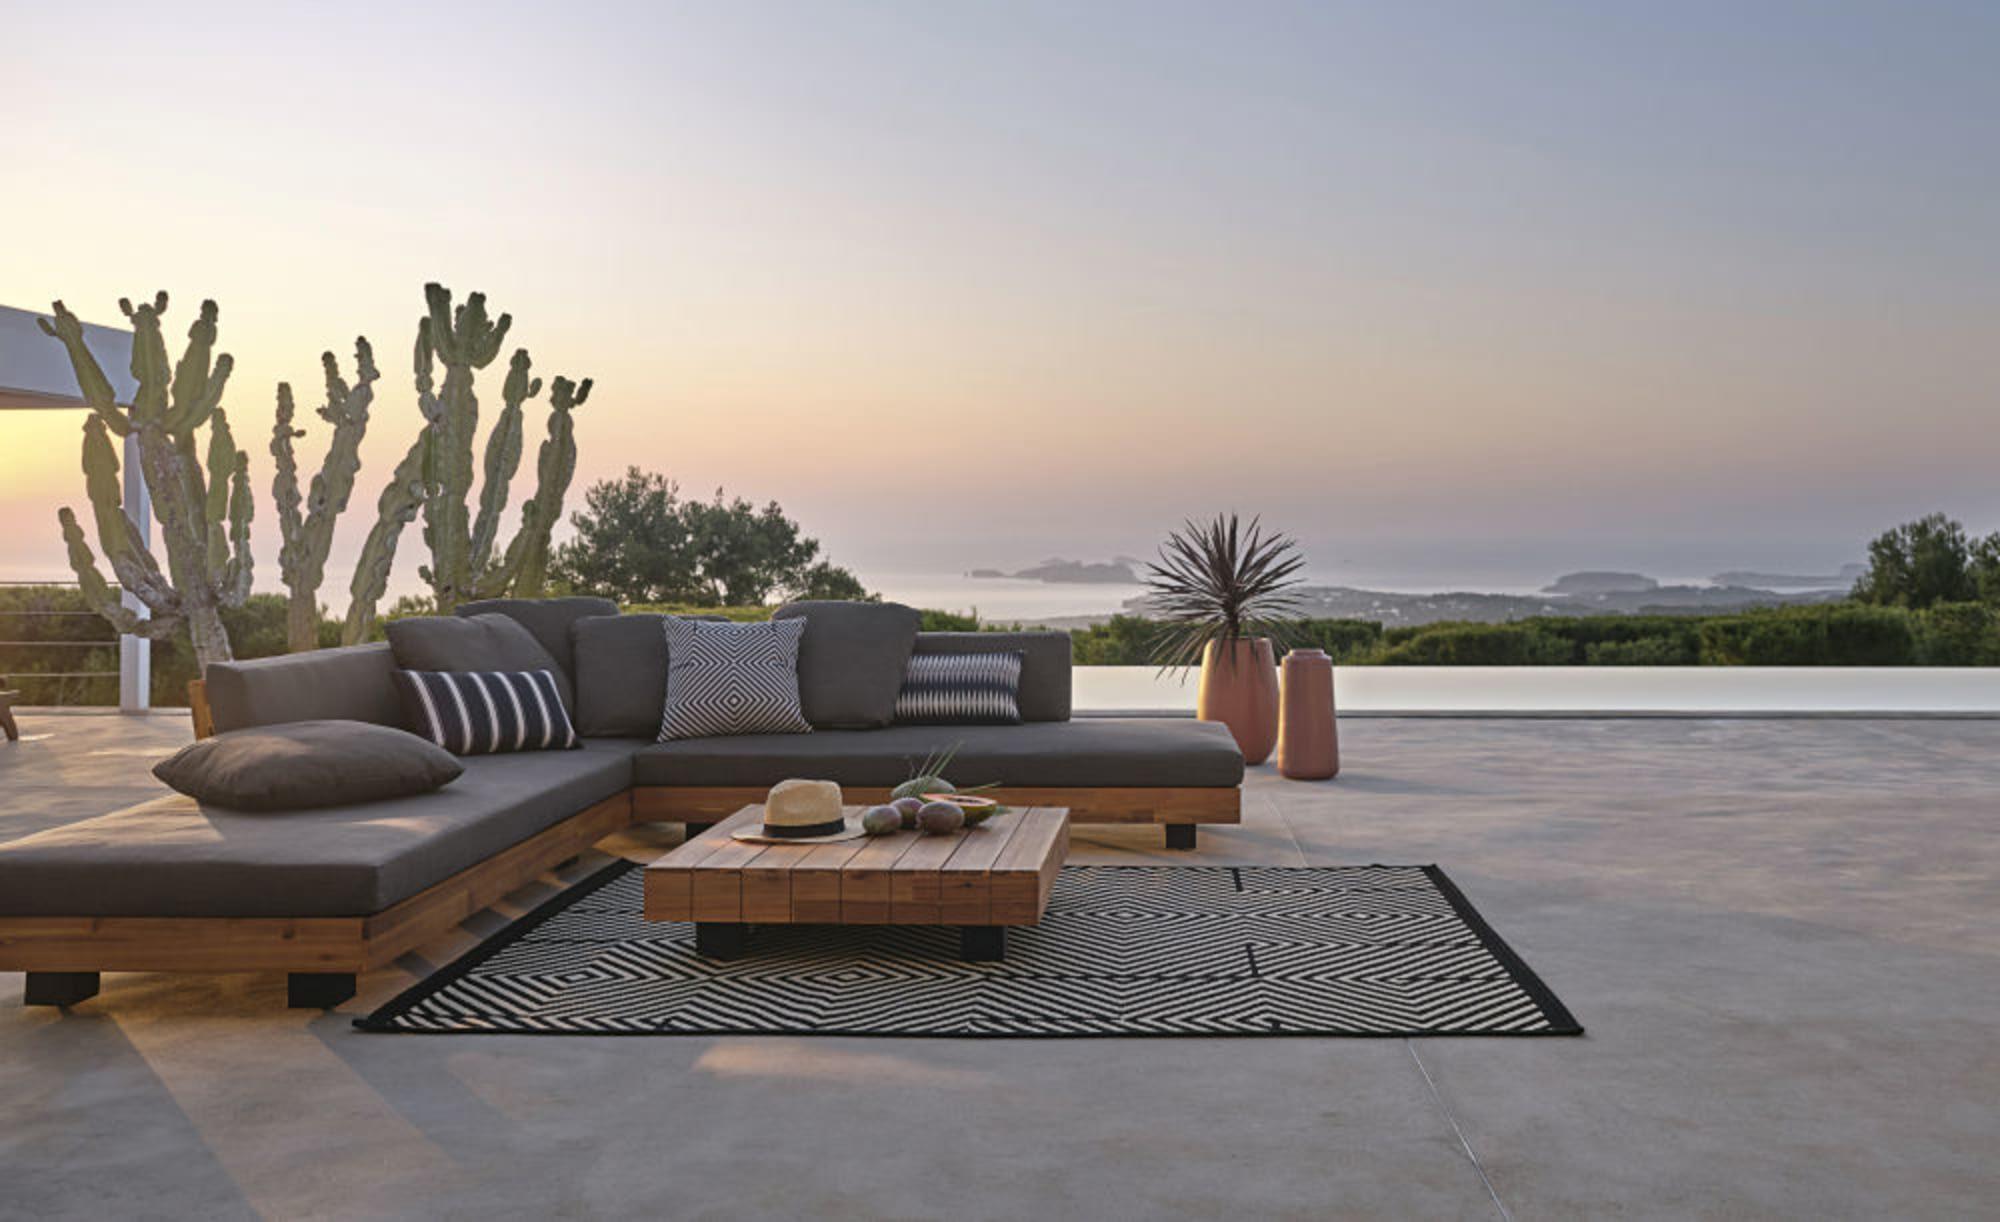 Salons de jardin: 20 marques, 20 styles, 20 prix sympas - Déco Idées